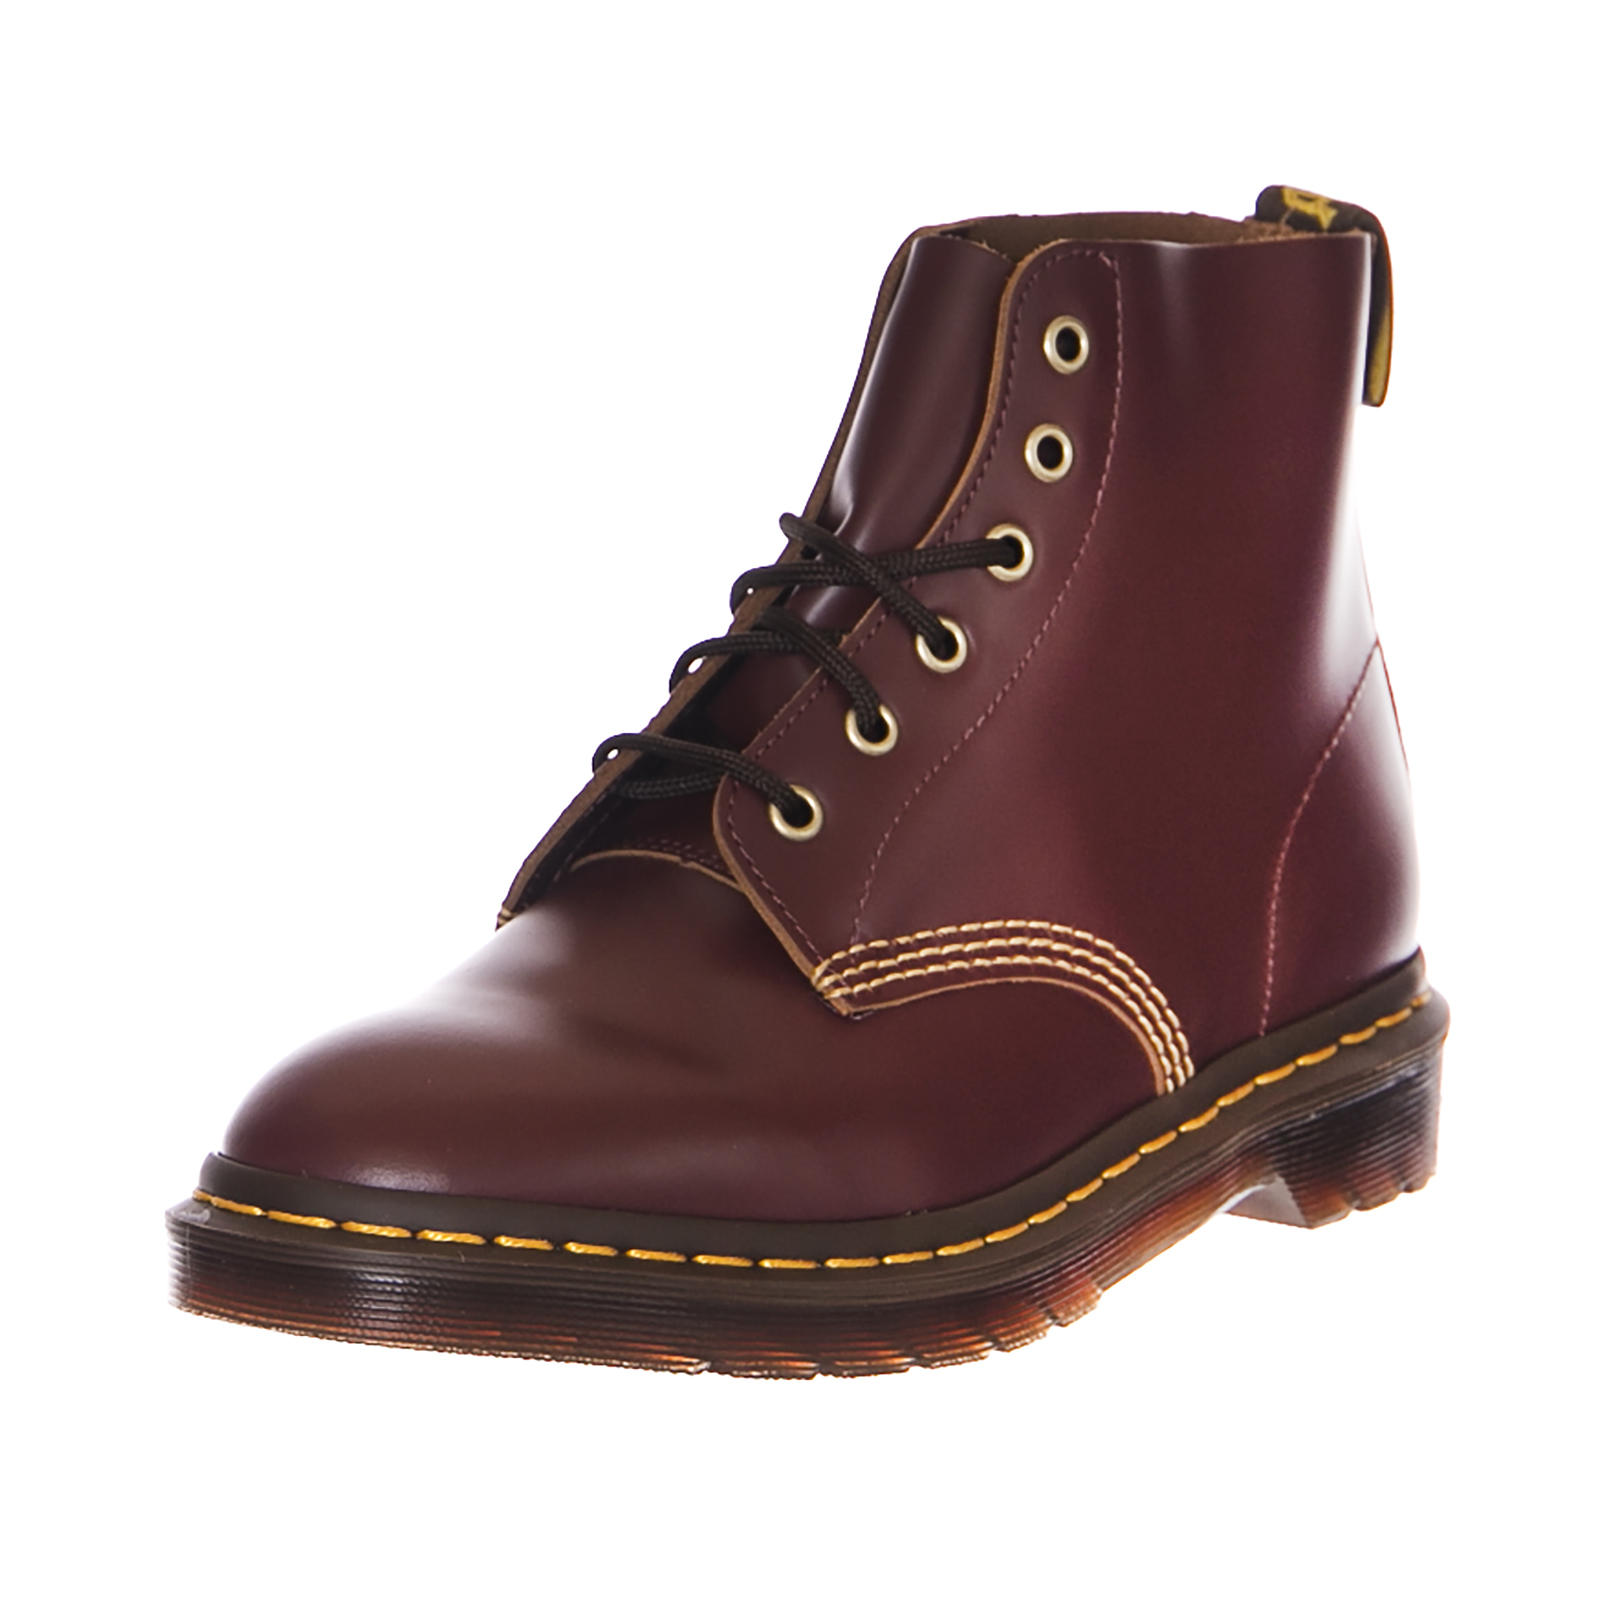 Grandes zapatos con descuento Dr.Martens Botas 101 Arc Oxblood Vintage Liso Burdeos